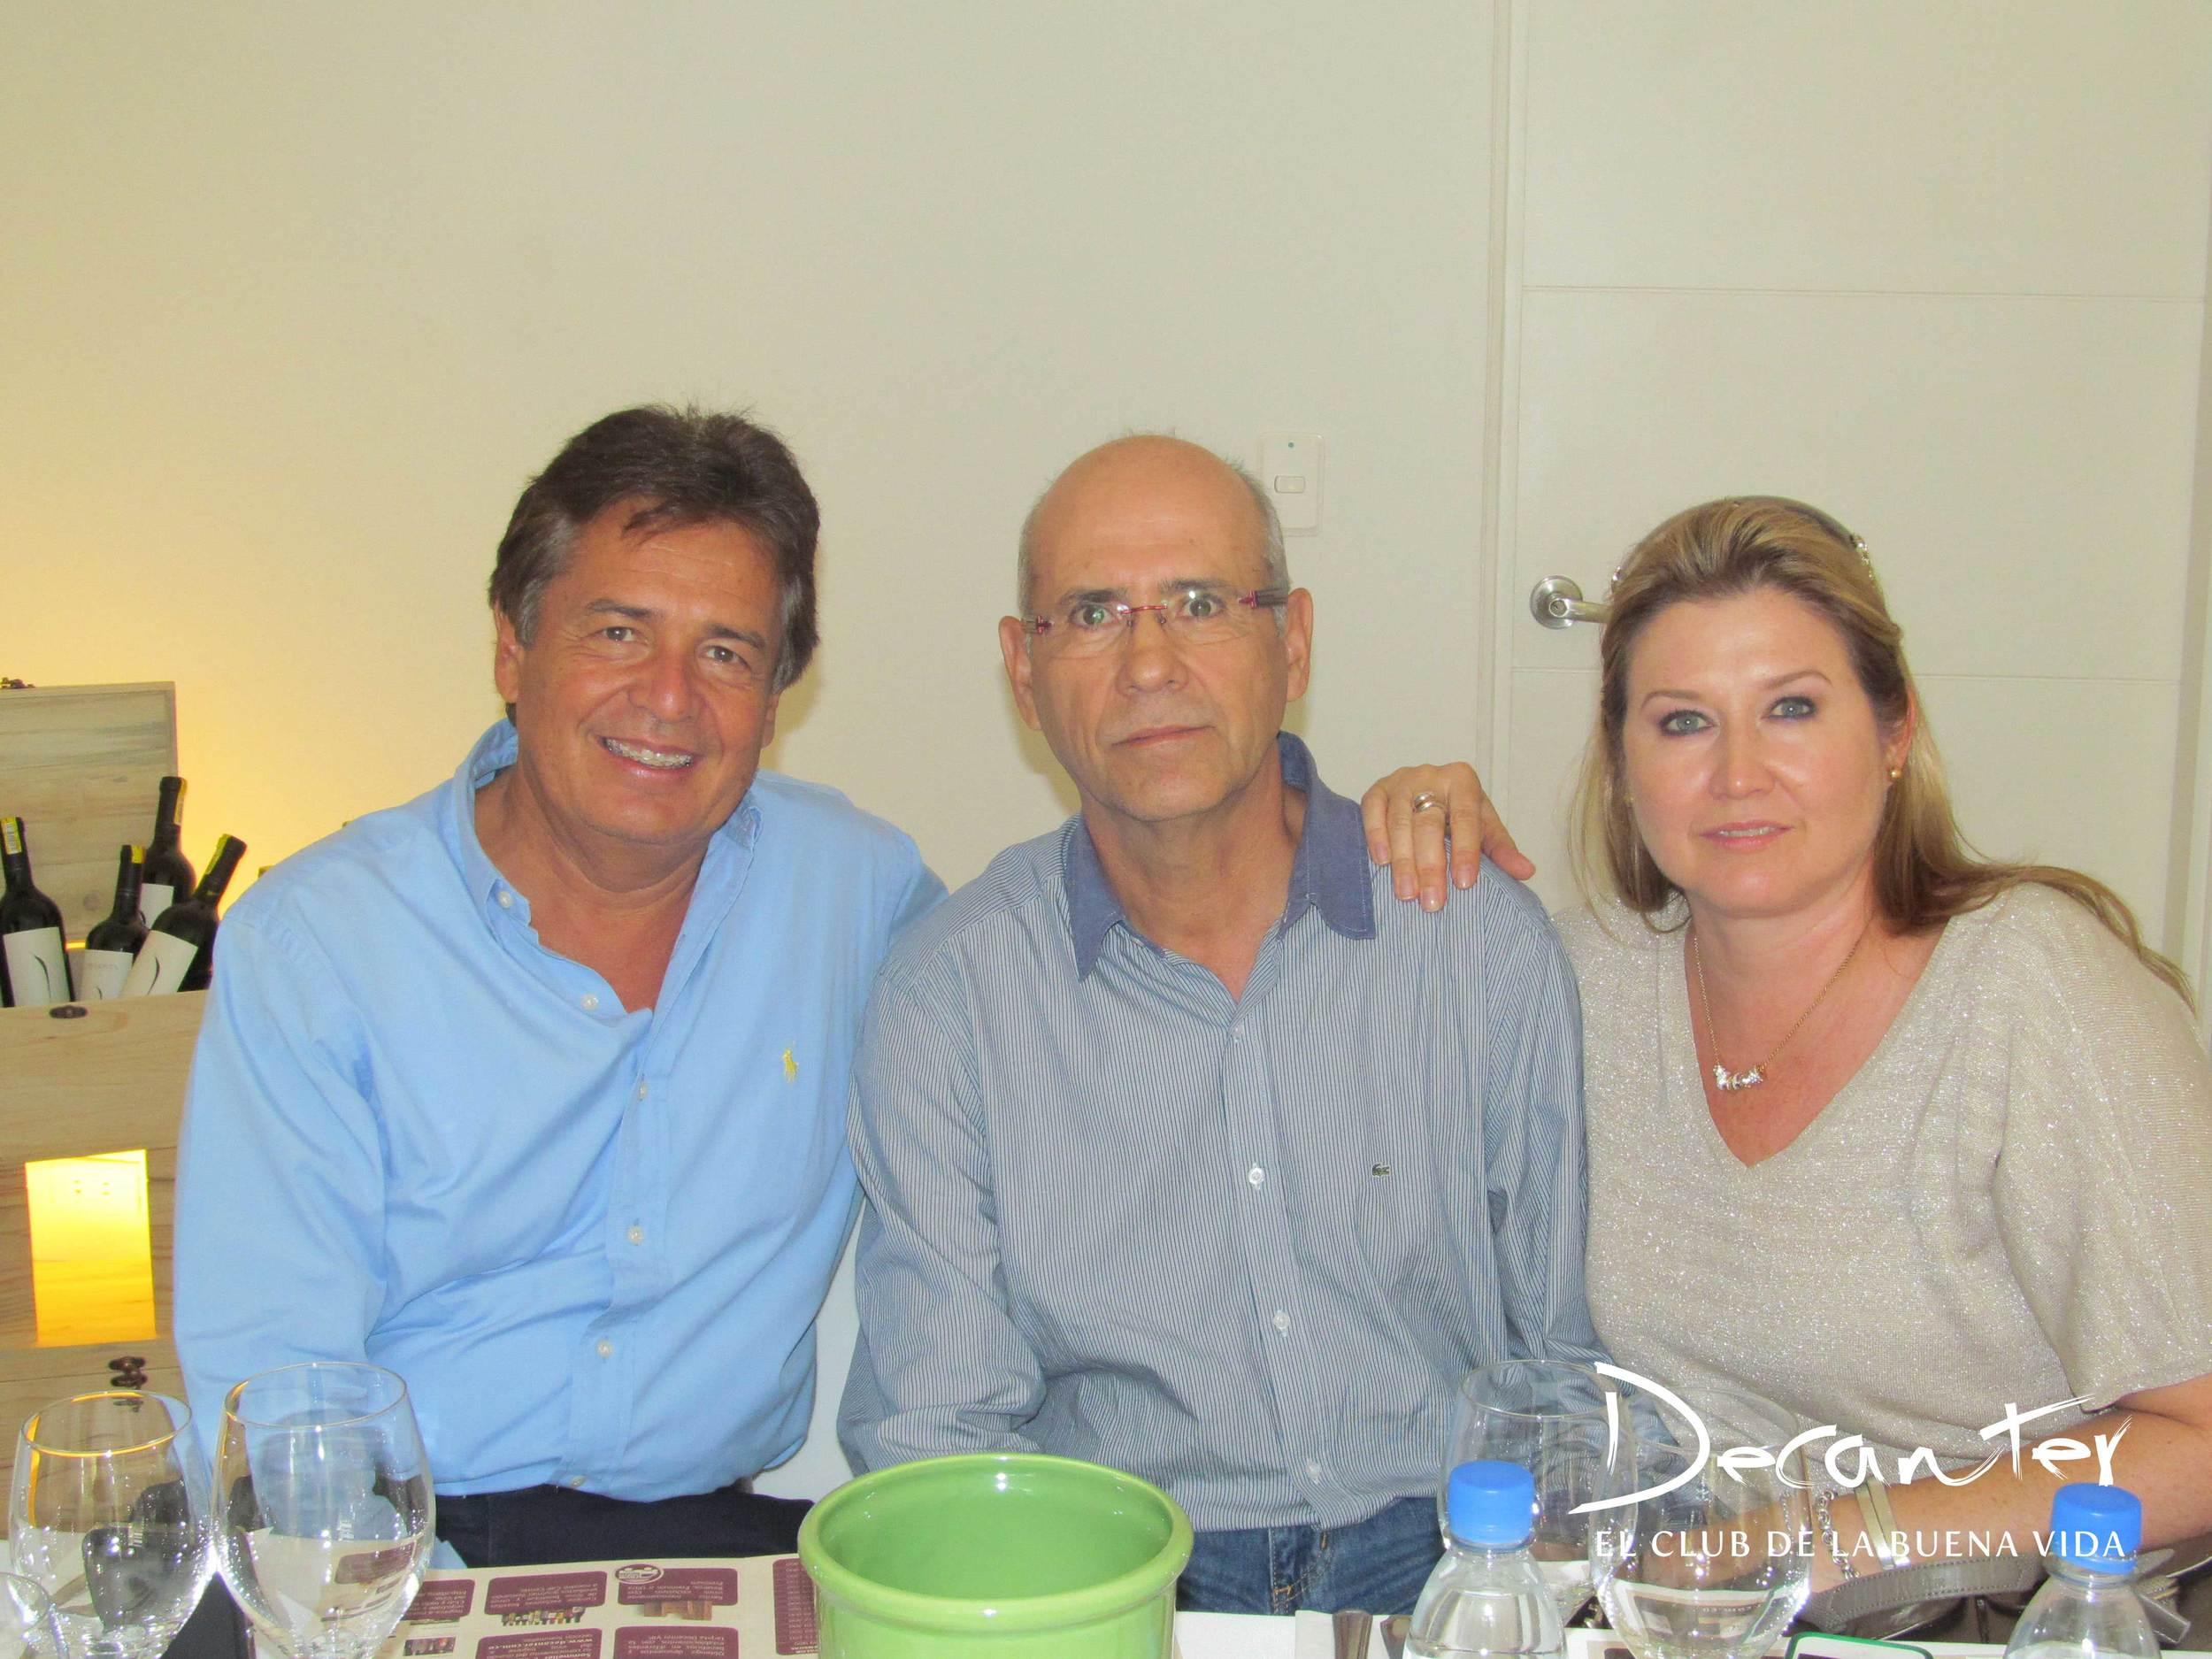 José Noé Caro, Raúl Caro y Victoria Vallejo.